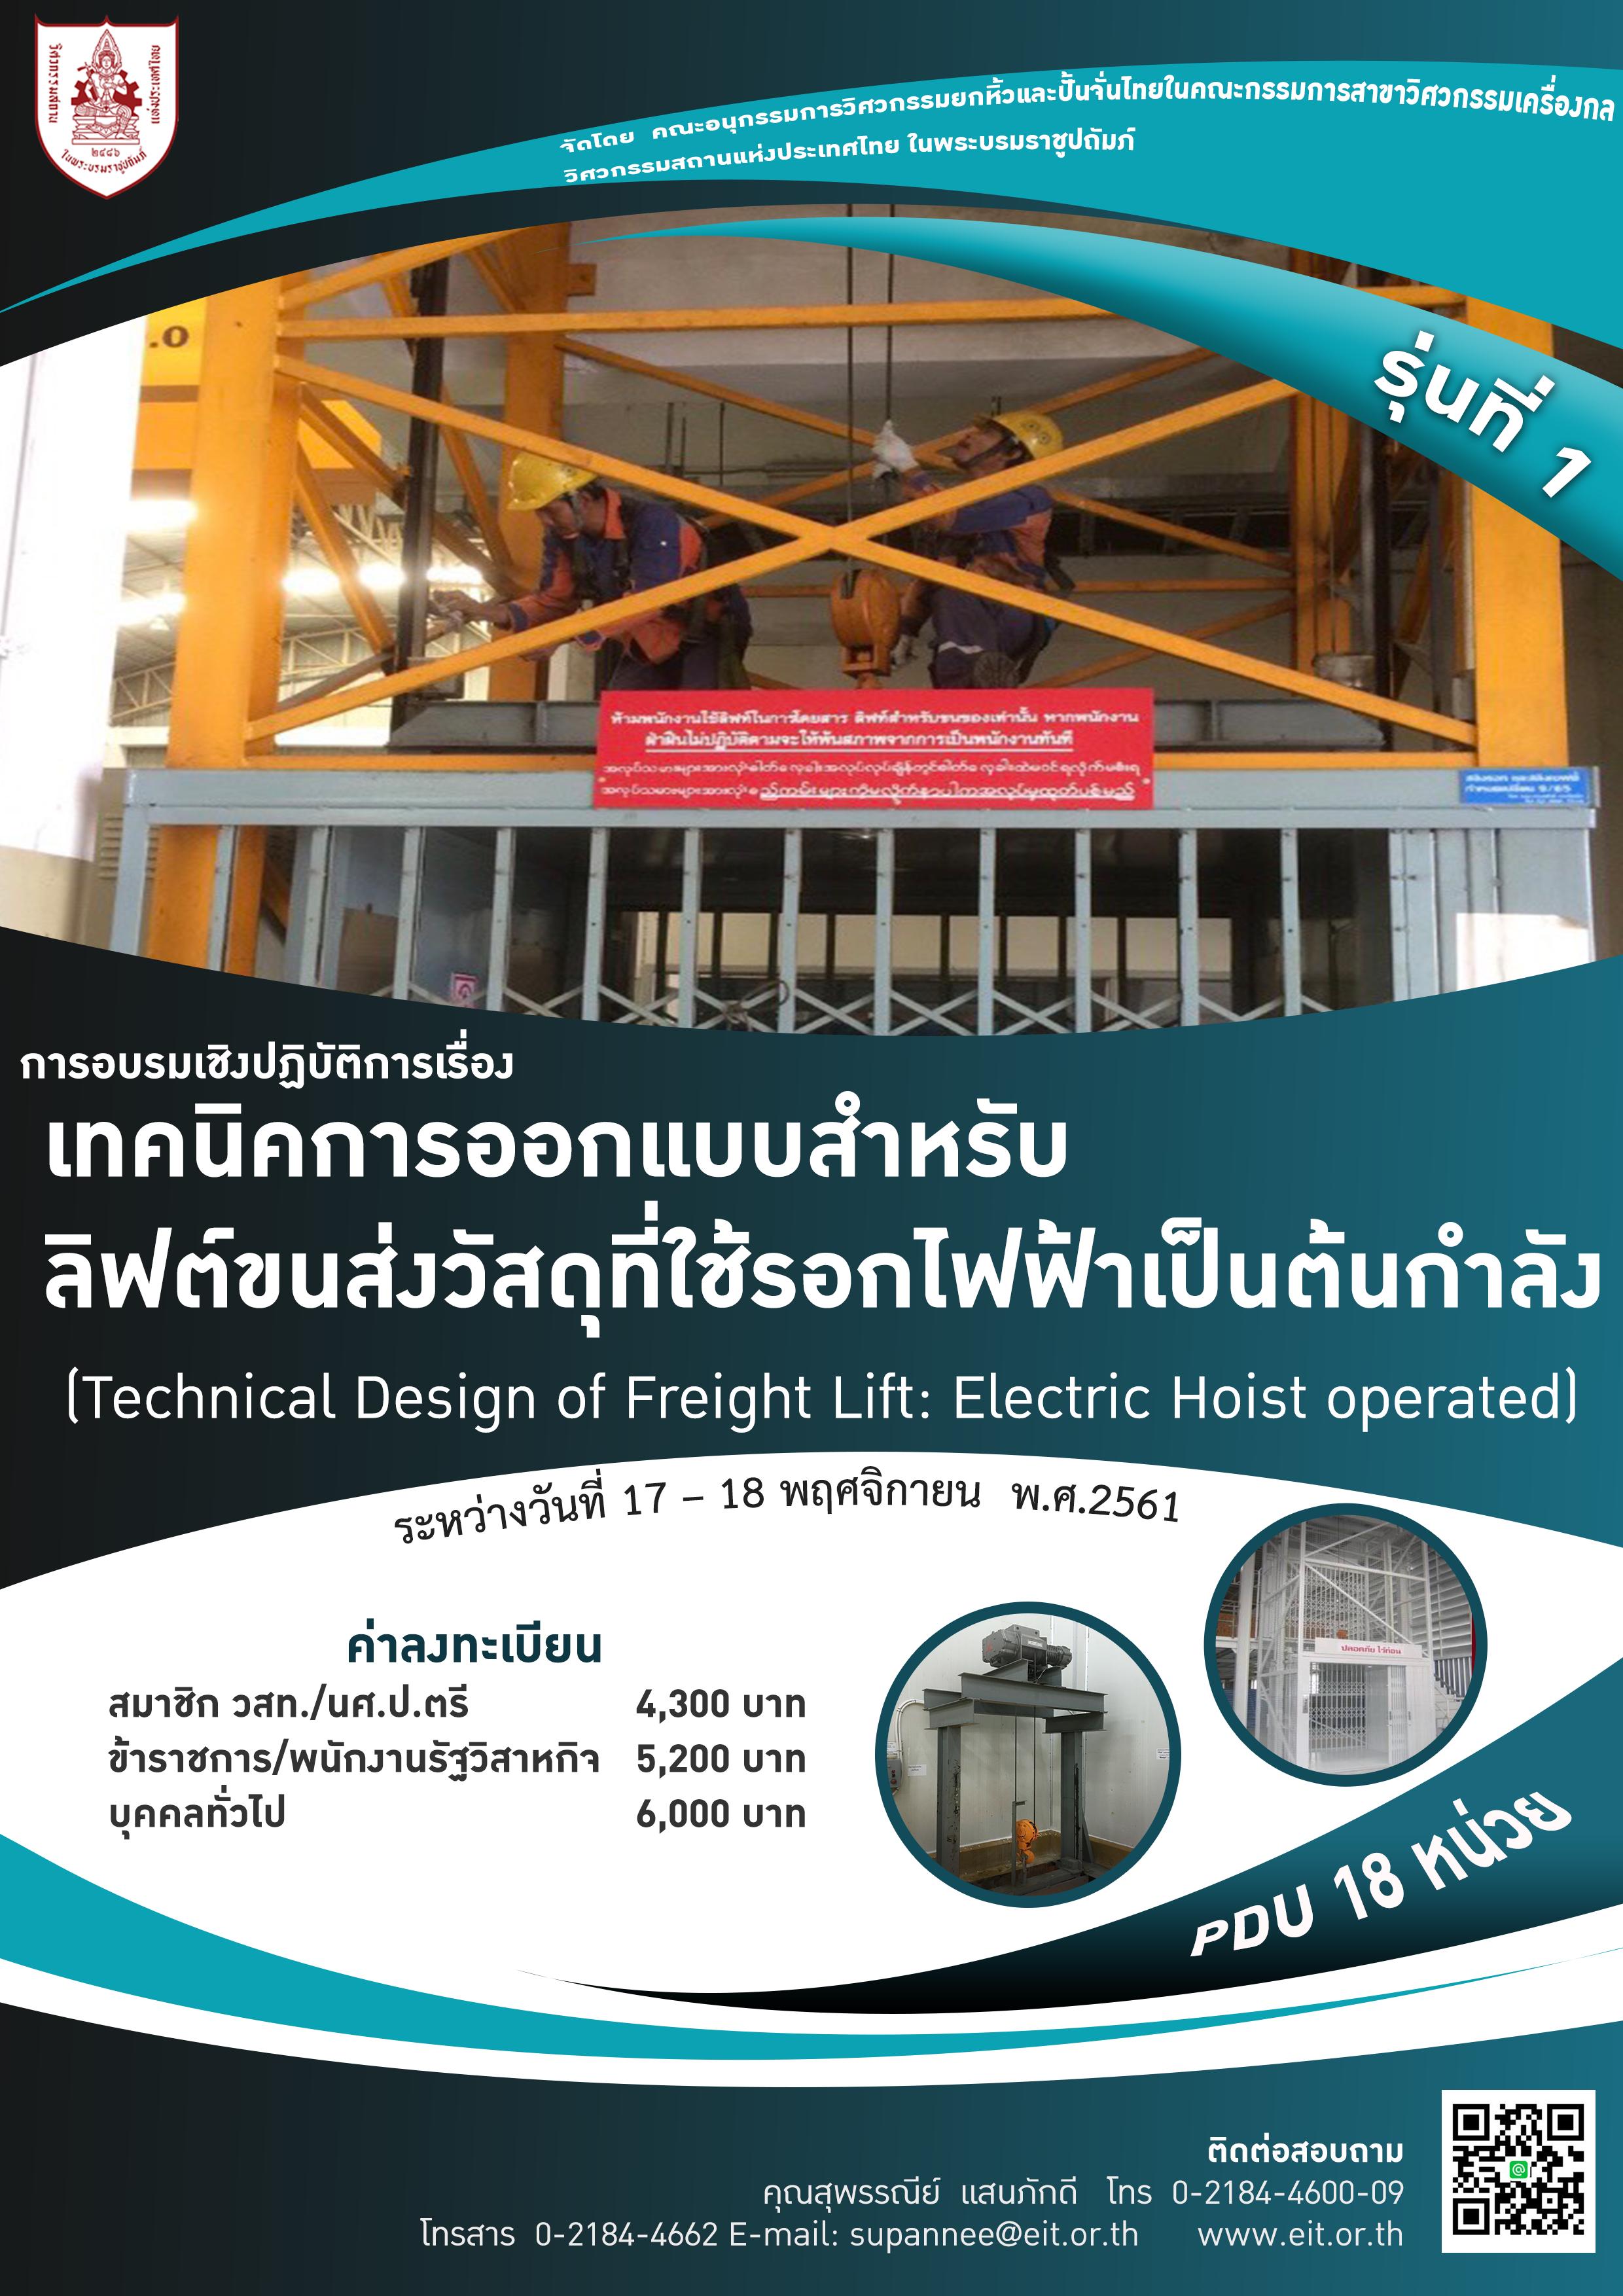 17-18/11/2561 การอบรมเชิงปฏิบัติการเรื่อง เทคนิคการออกแบบสำหรับลิฟต์ขนส่งวัสดุที่ใช้รอกไฟฟ้าเป็นต้นกำลัง  รุ่นที่ 1